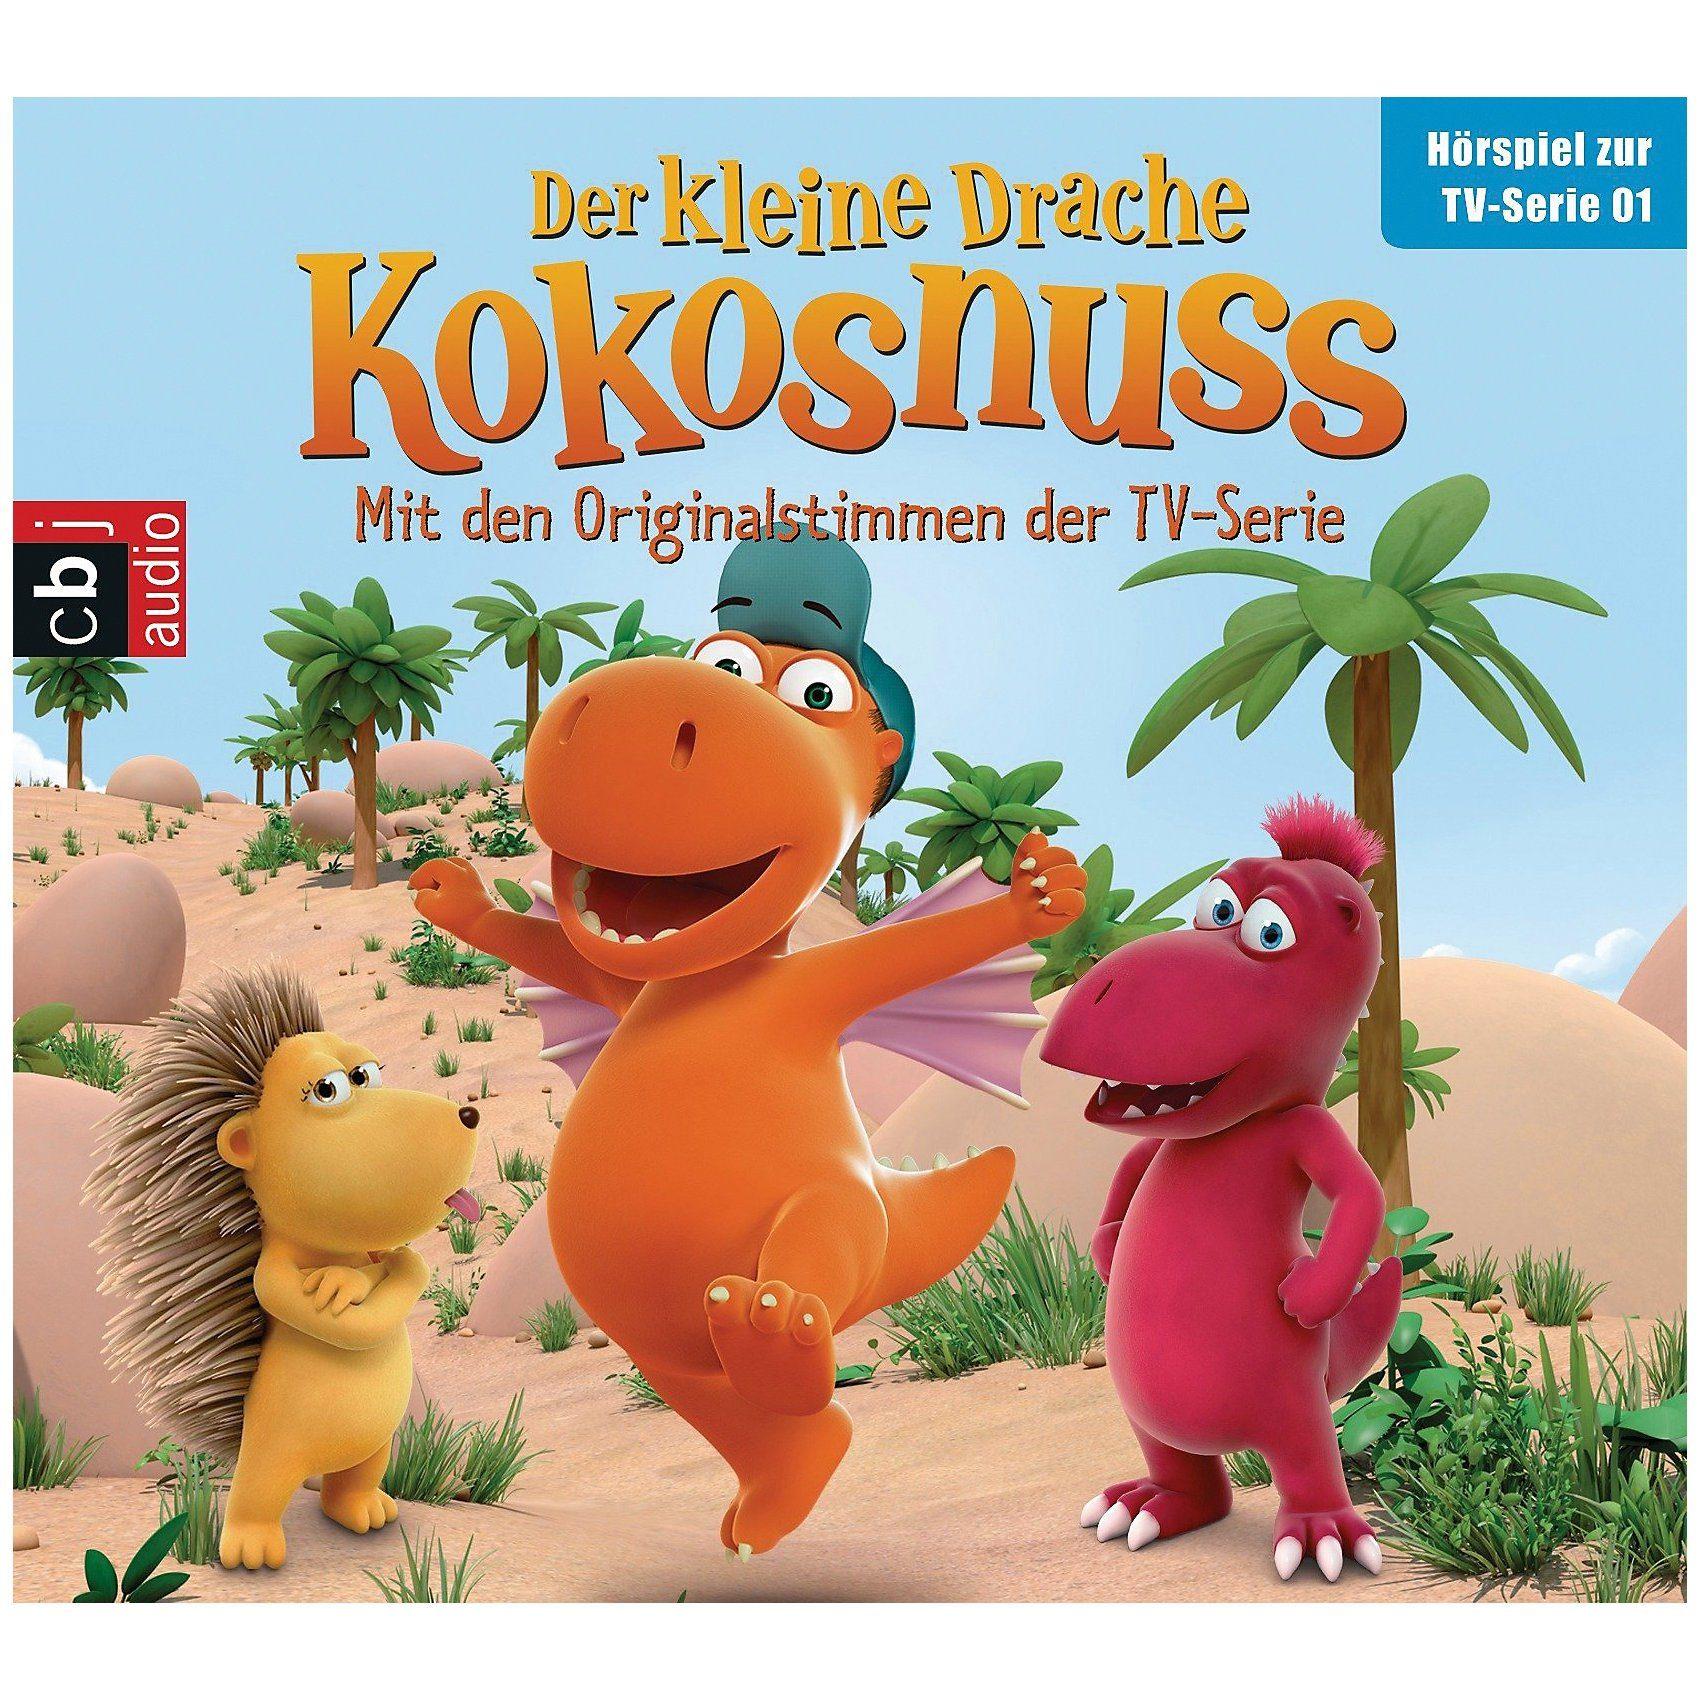 Edel CD Der kleine Drache Kokosnuss 1 (Hörspiel zur TV-Serie)